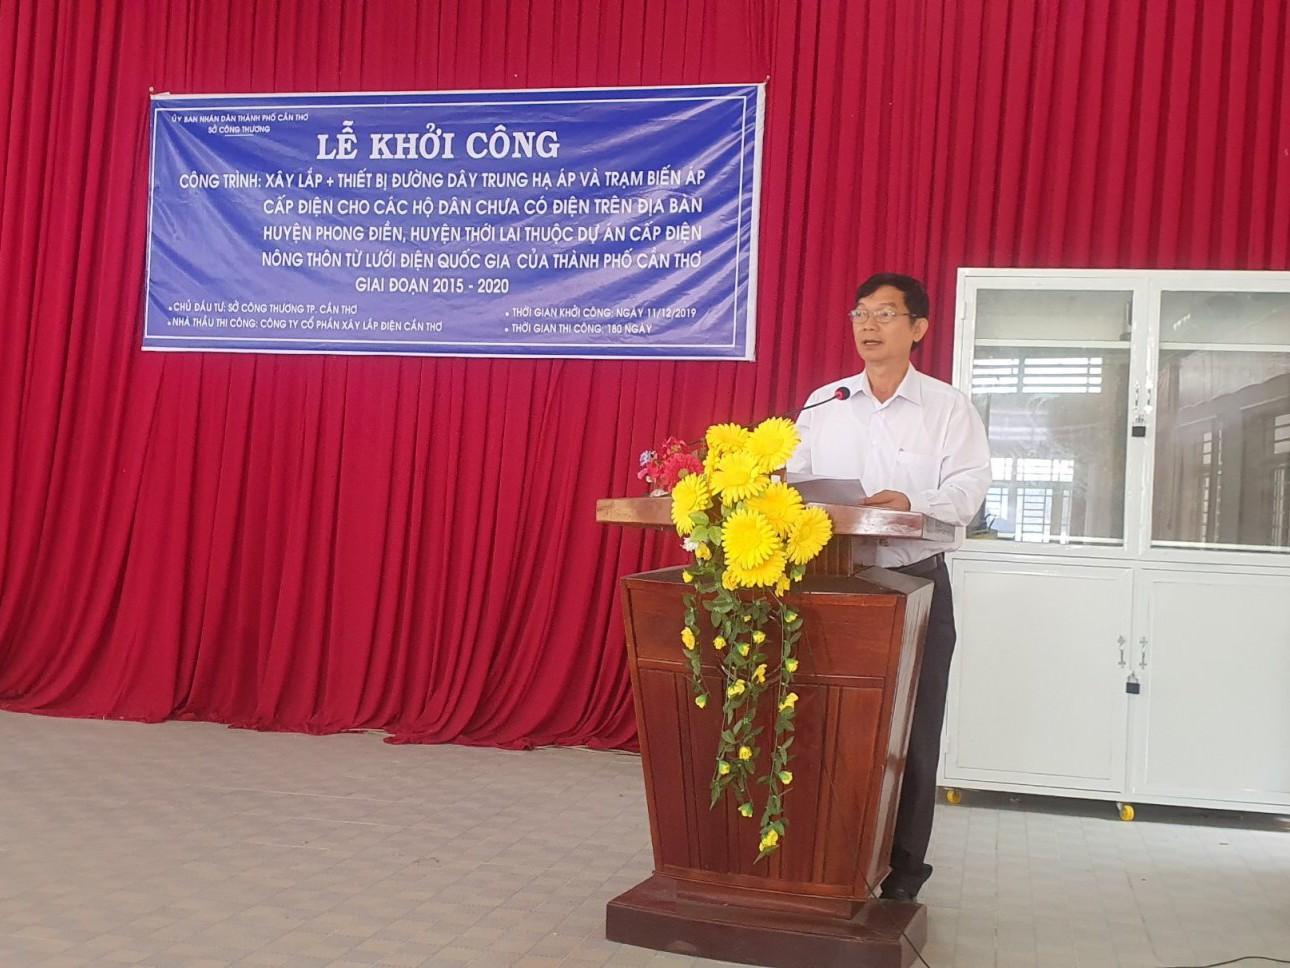 Ông Nguyễn Minh Toại, Giám đốc Sở Công Thương